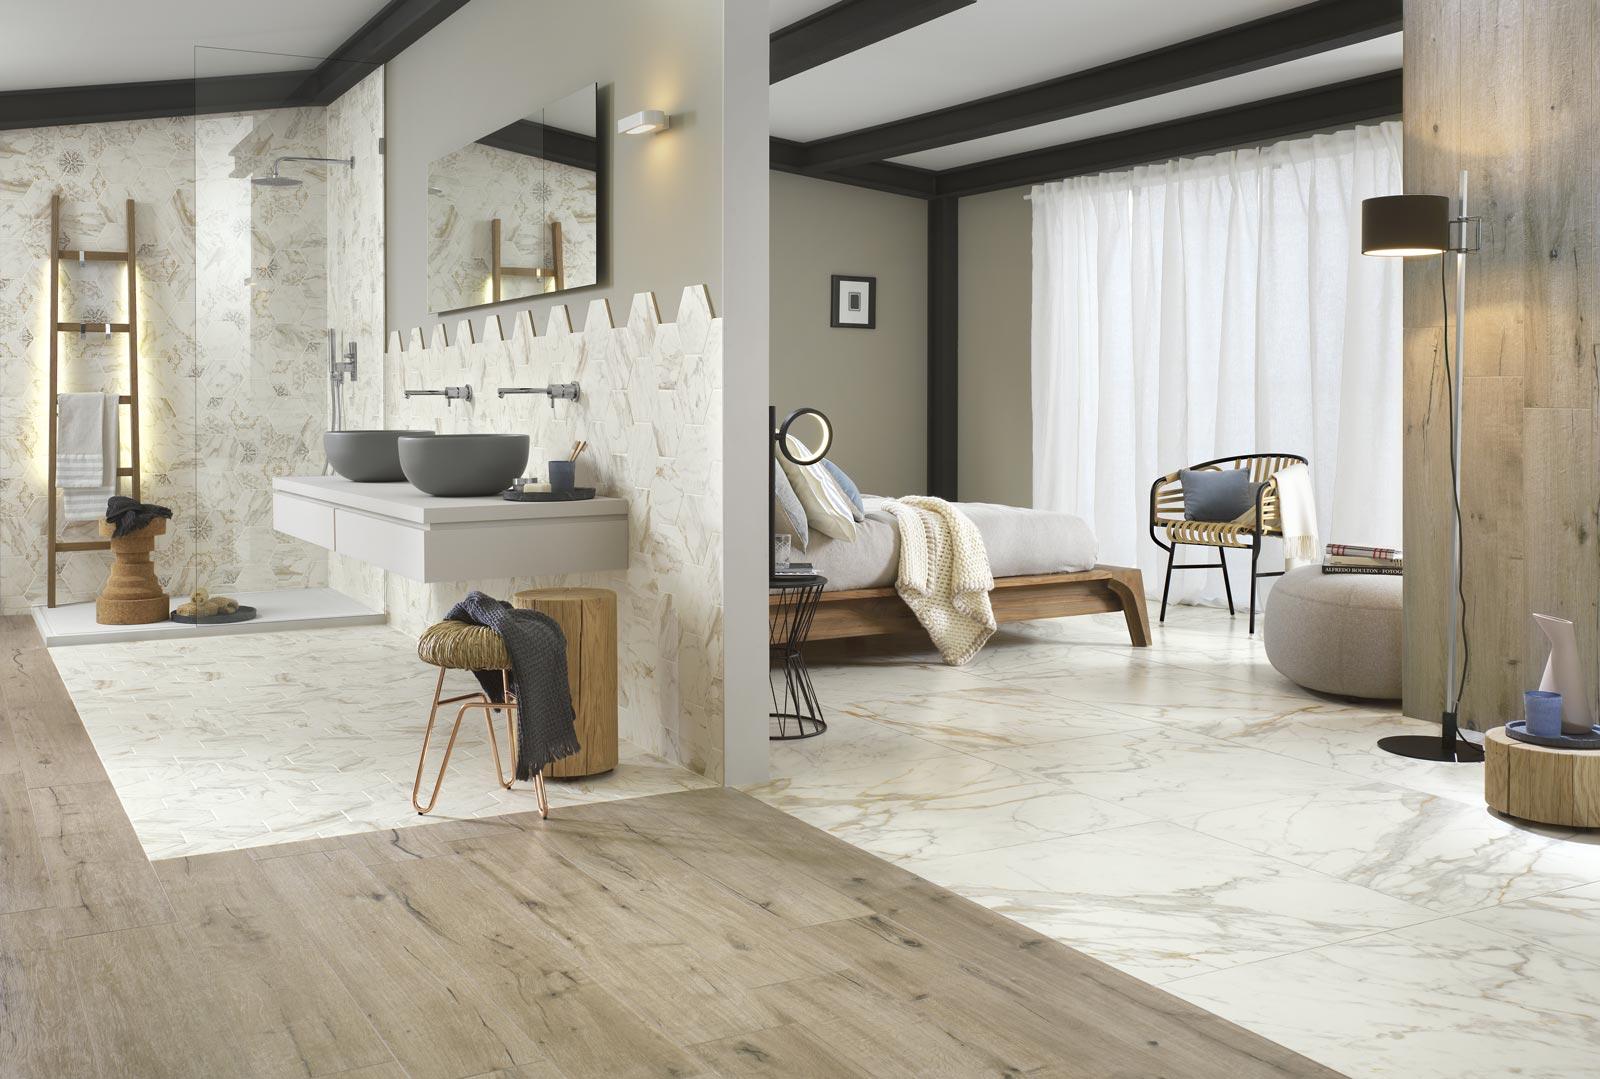 luxe slaapkamer badkamer suite | homease, Deco ideeën